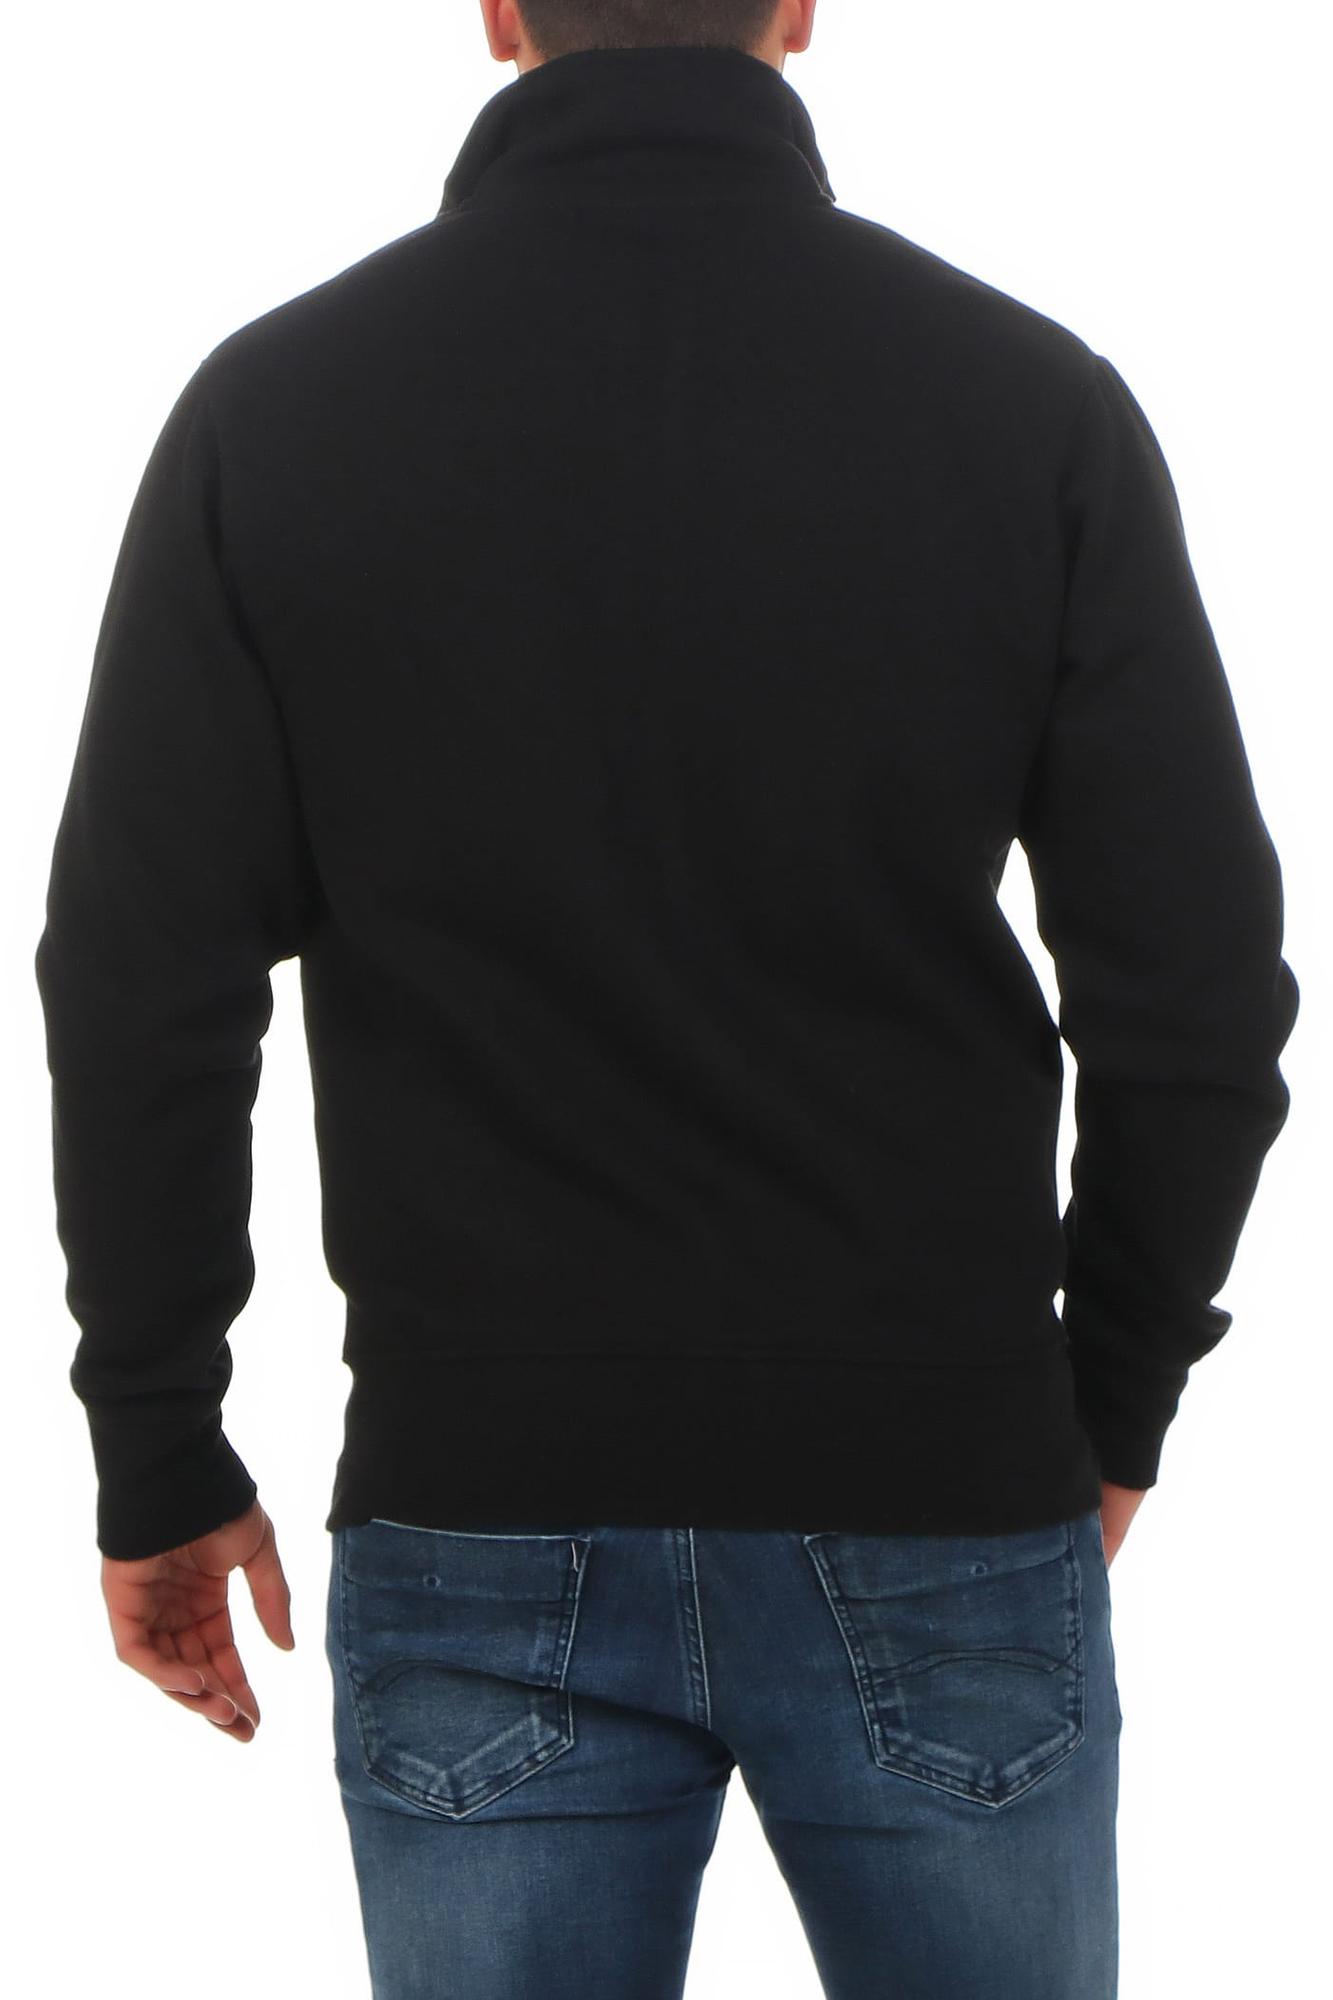 c768a2b9ec6e46 Herren Sweatshirt Jacke ohne Kapuze Houston – Bild 3